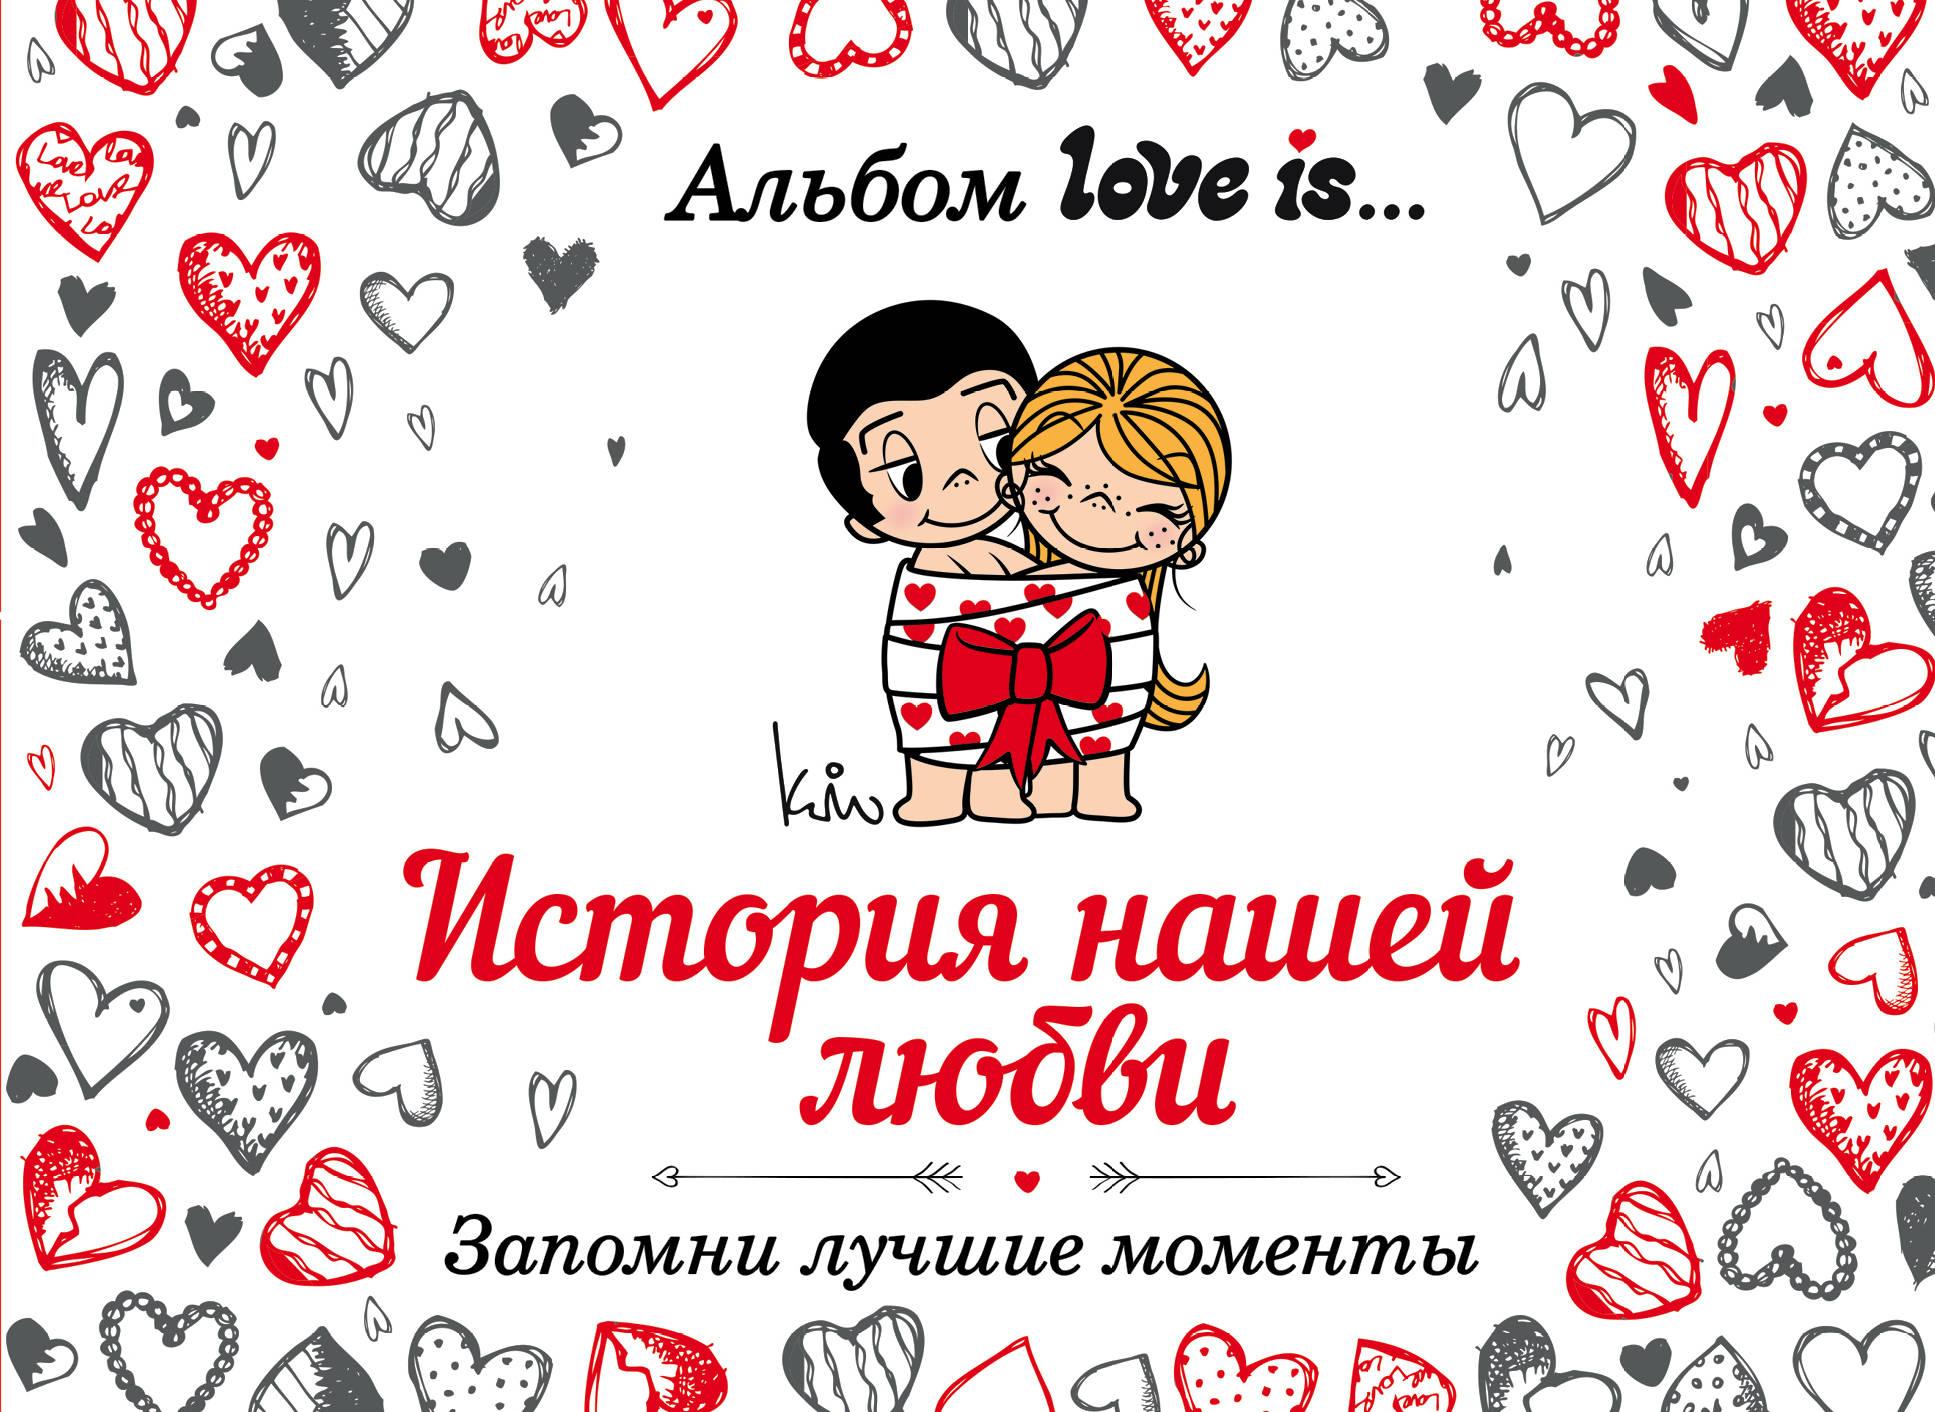 Нашей любви год картинки